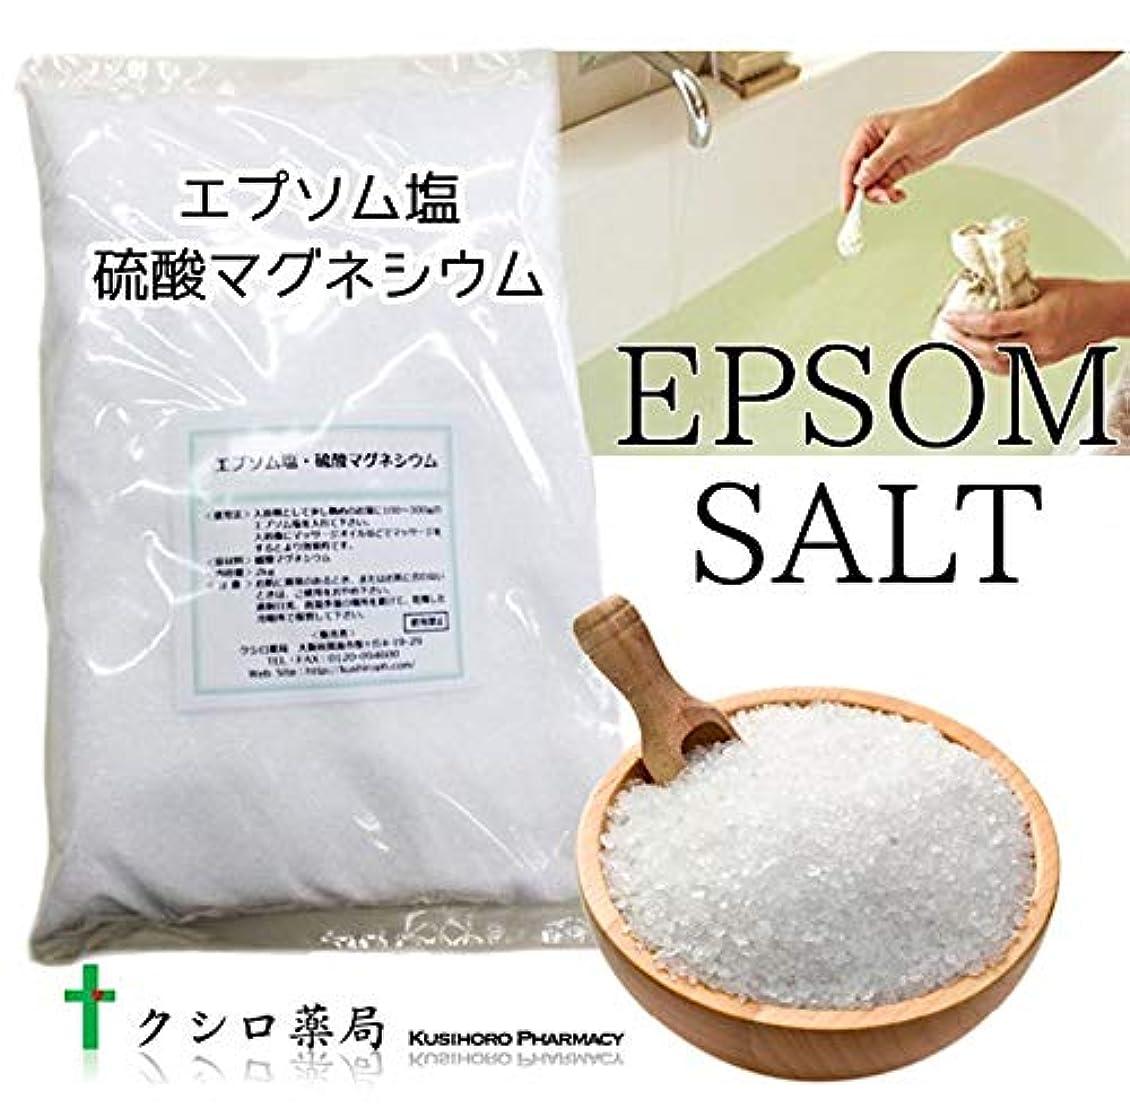 混乱させるツールで出来ているエプソム塩?硫酸マグネシウム 2kg 【クシロ薬局エプソム塩?硫酸マグネシウム Epsom Salt】 (5袋)